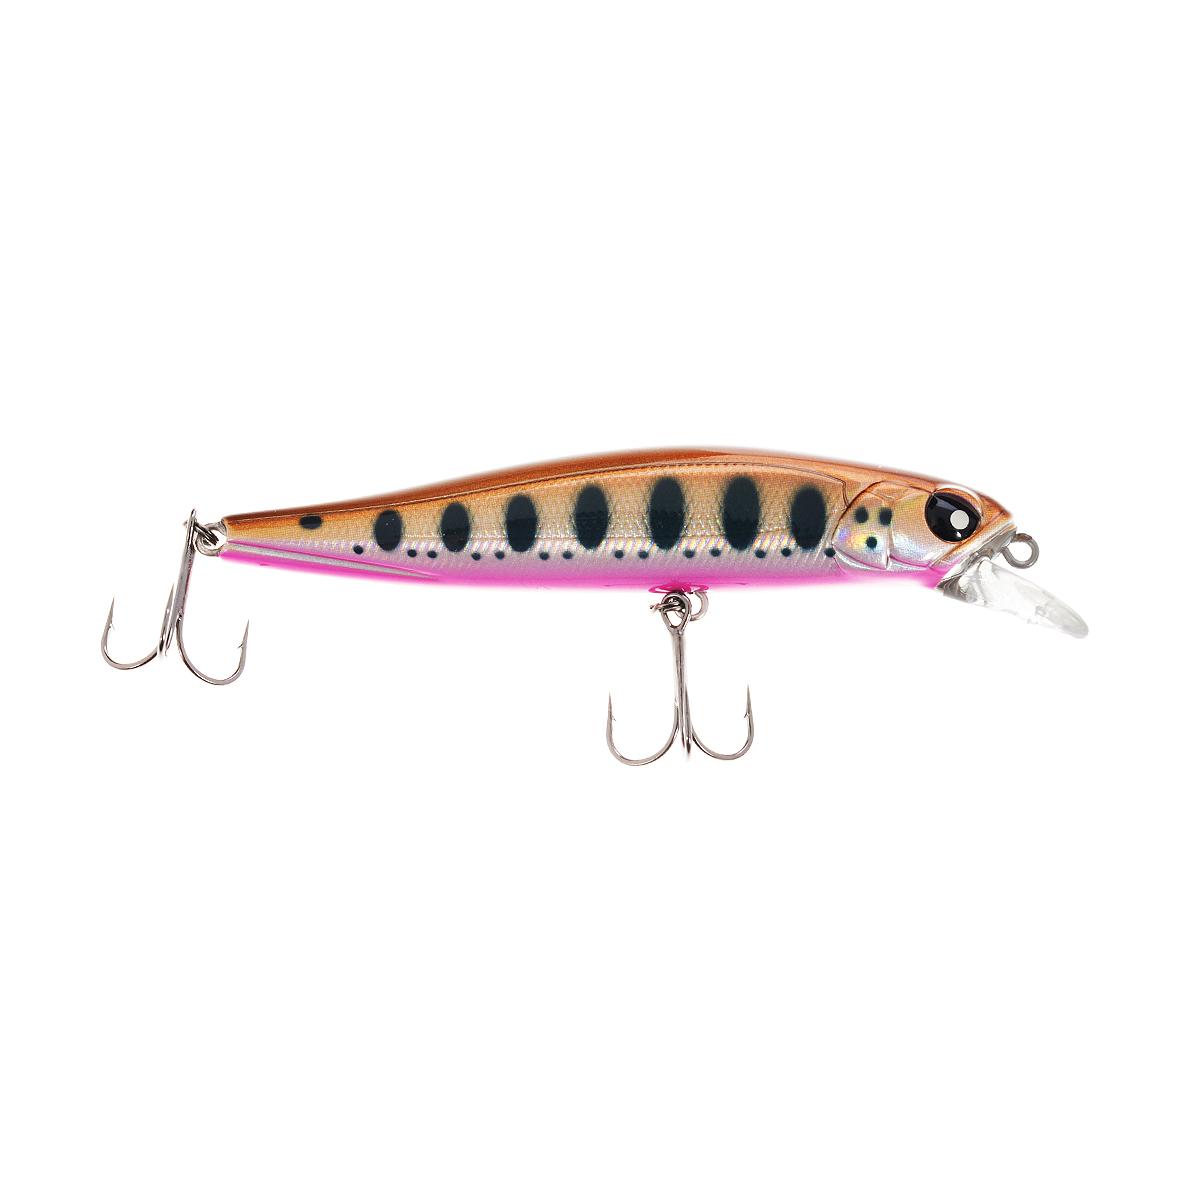 Воблер плавающий Lucky John Basara, цвет: коричневый, черный, розовый, 9 см, 10 гBA90F-105Lucky John Basara - прогонистый воблер класса твичбейт. Это плавающая приманка с увеличенной лопастью заглубления (LBF). Благодаря системе MCS, воблер обладает превосходными полетными характеристиками и позволяет производить приманкой очень агрессивную проводку. Основной объект ловли: любая хищная рыба.